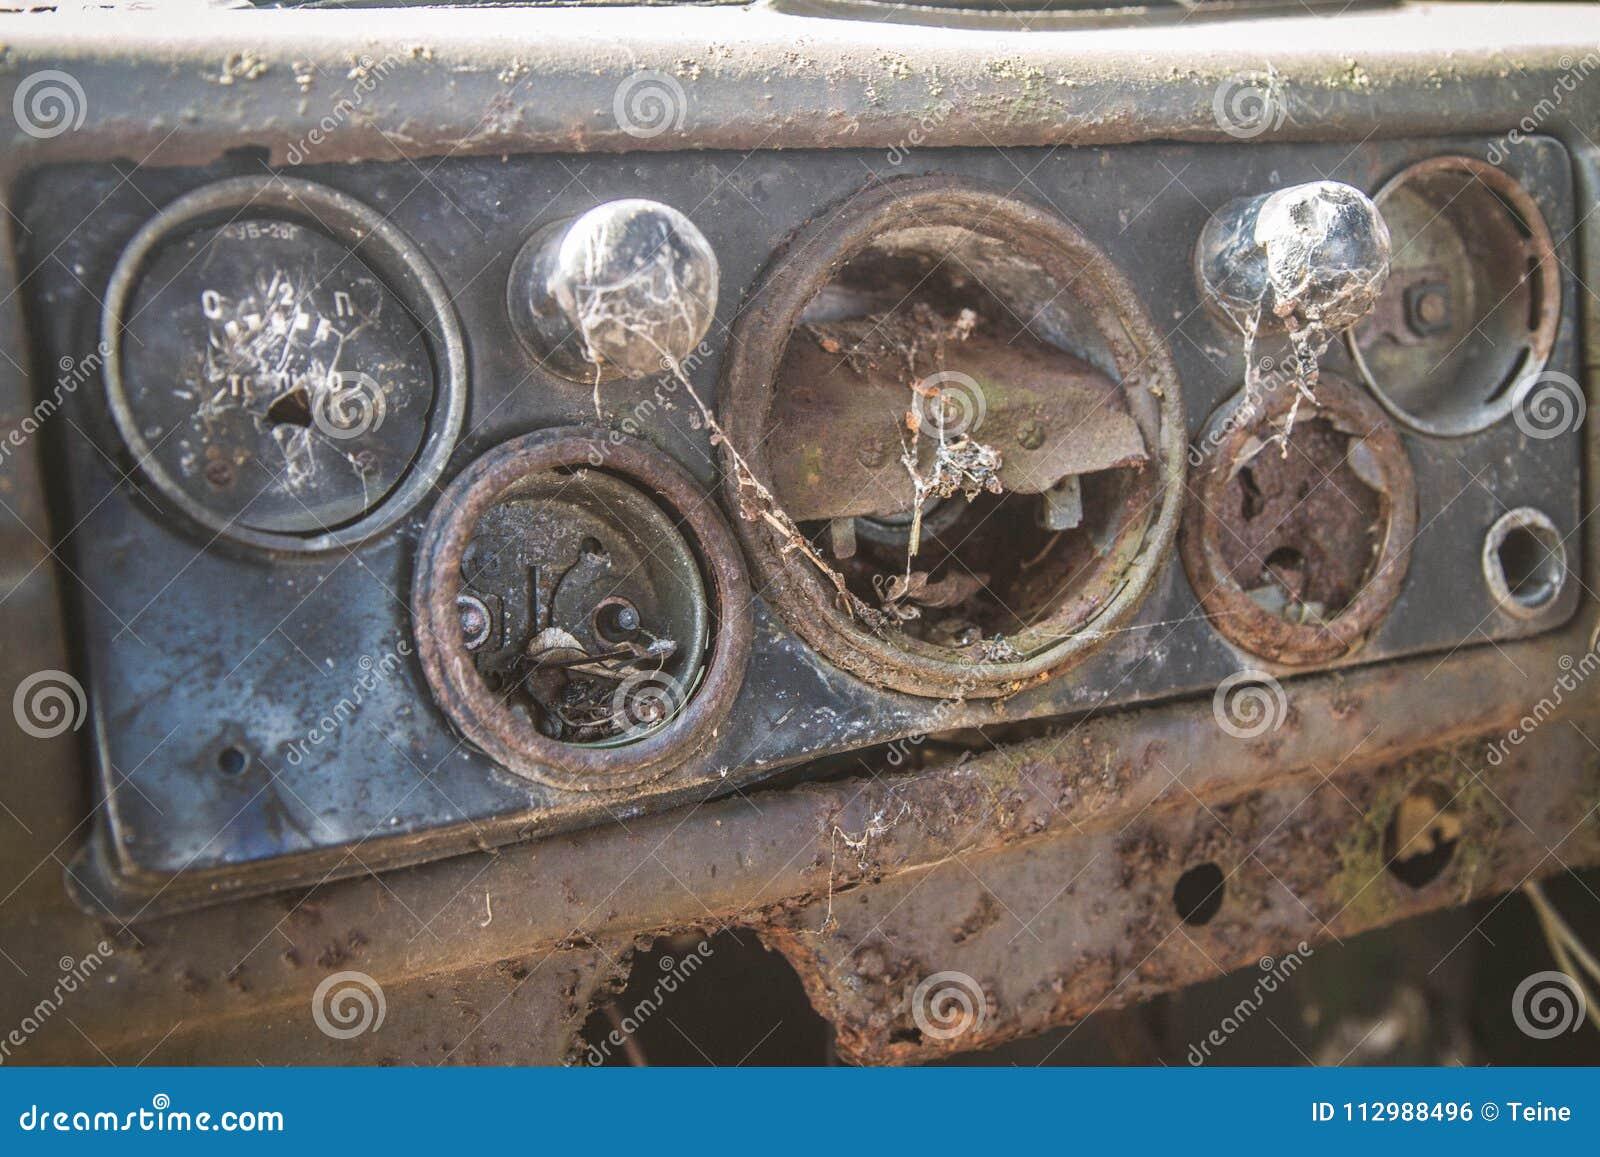 Dashboard of an car